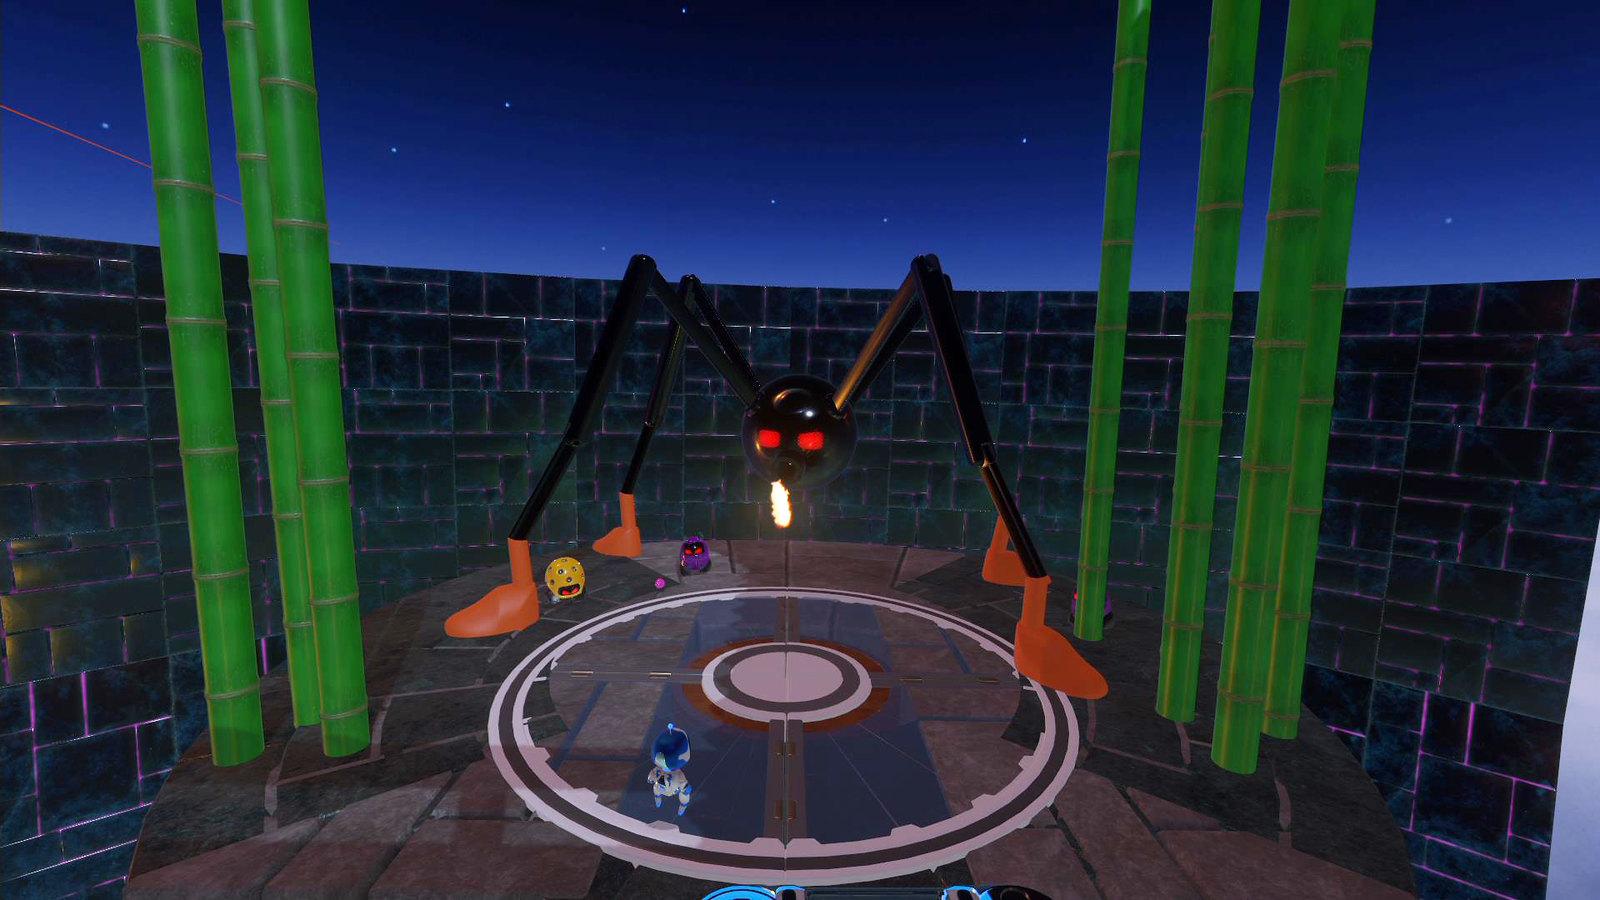 48302459861 1a770fbc72 h - Einst hatte Astro Bot Rescue Mission einen Multiplayer-Modus